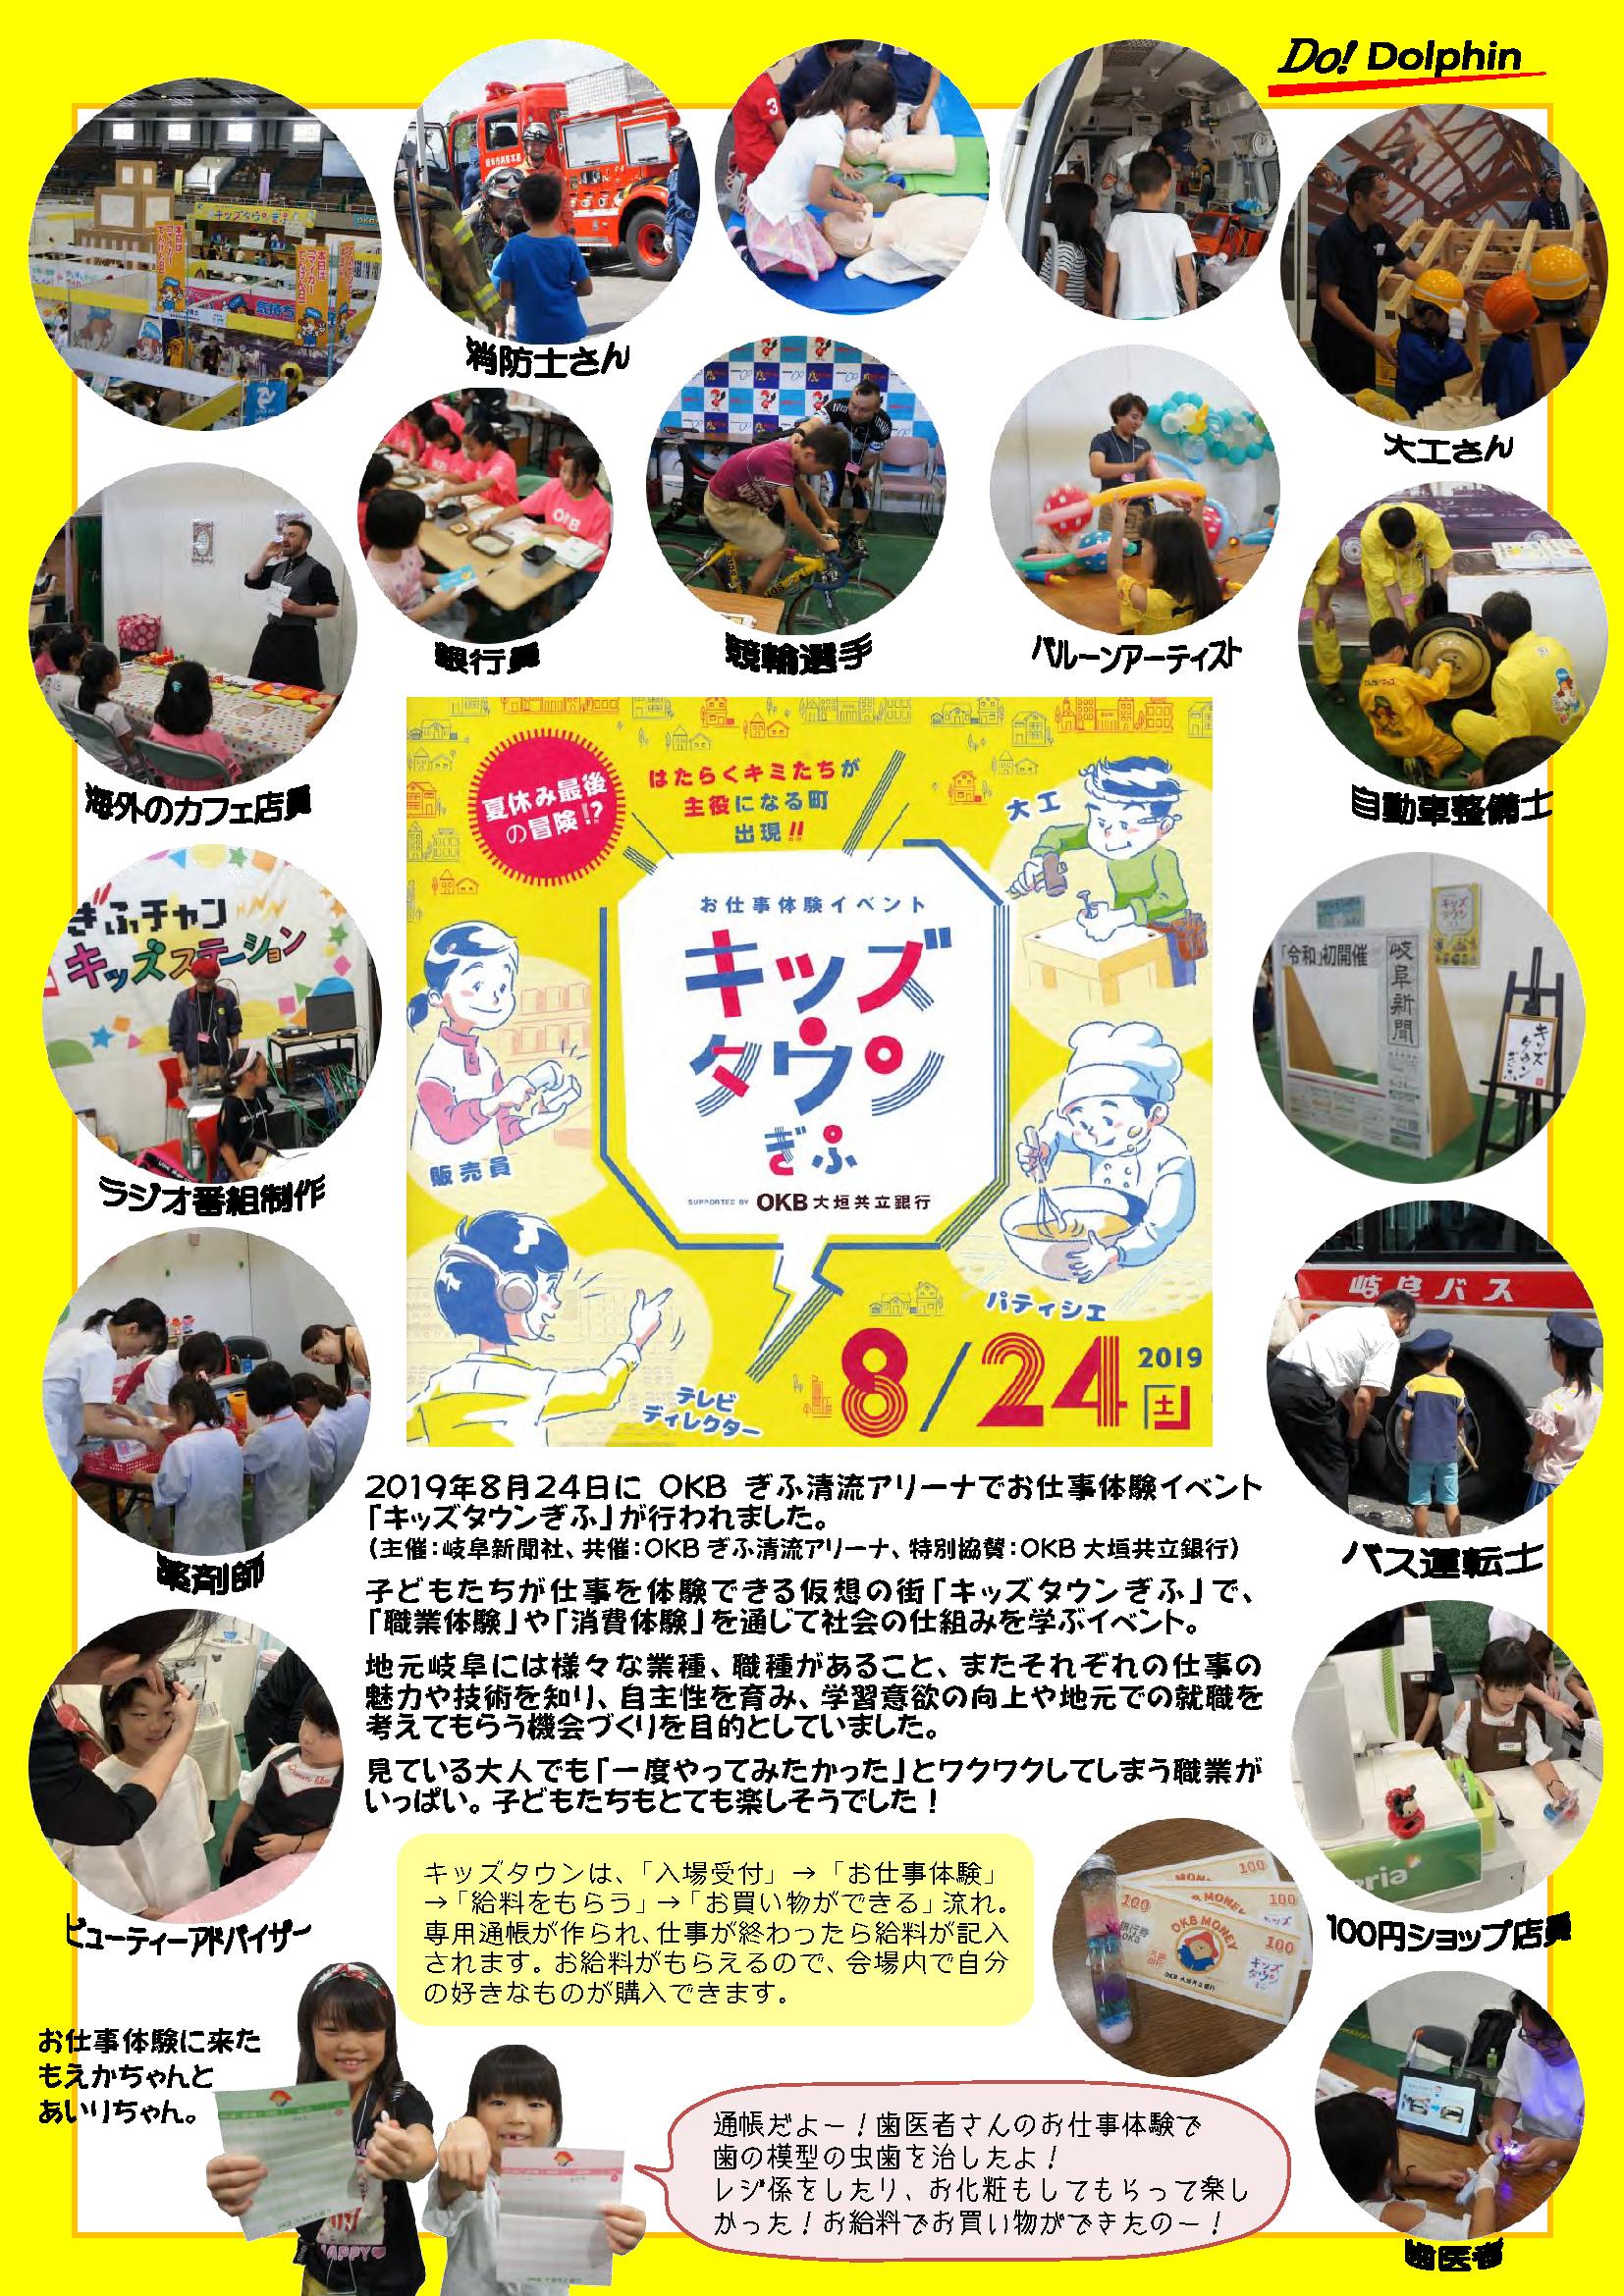 ドルフィン広報誌10月号再校_ページ_3